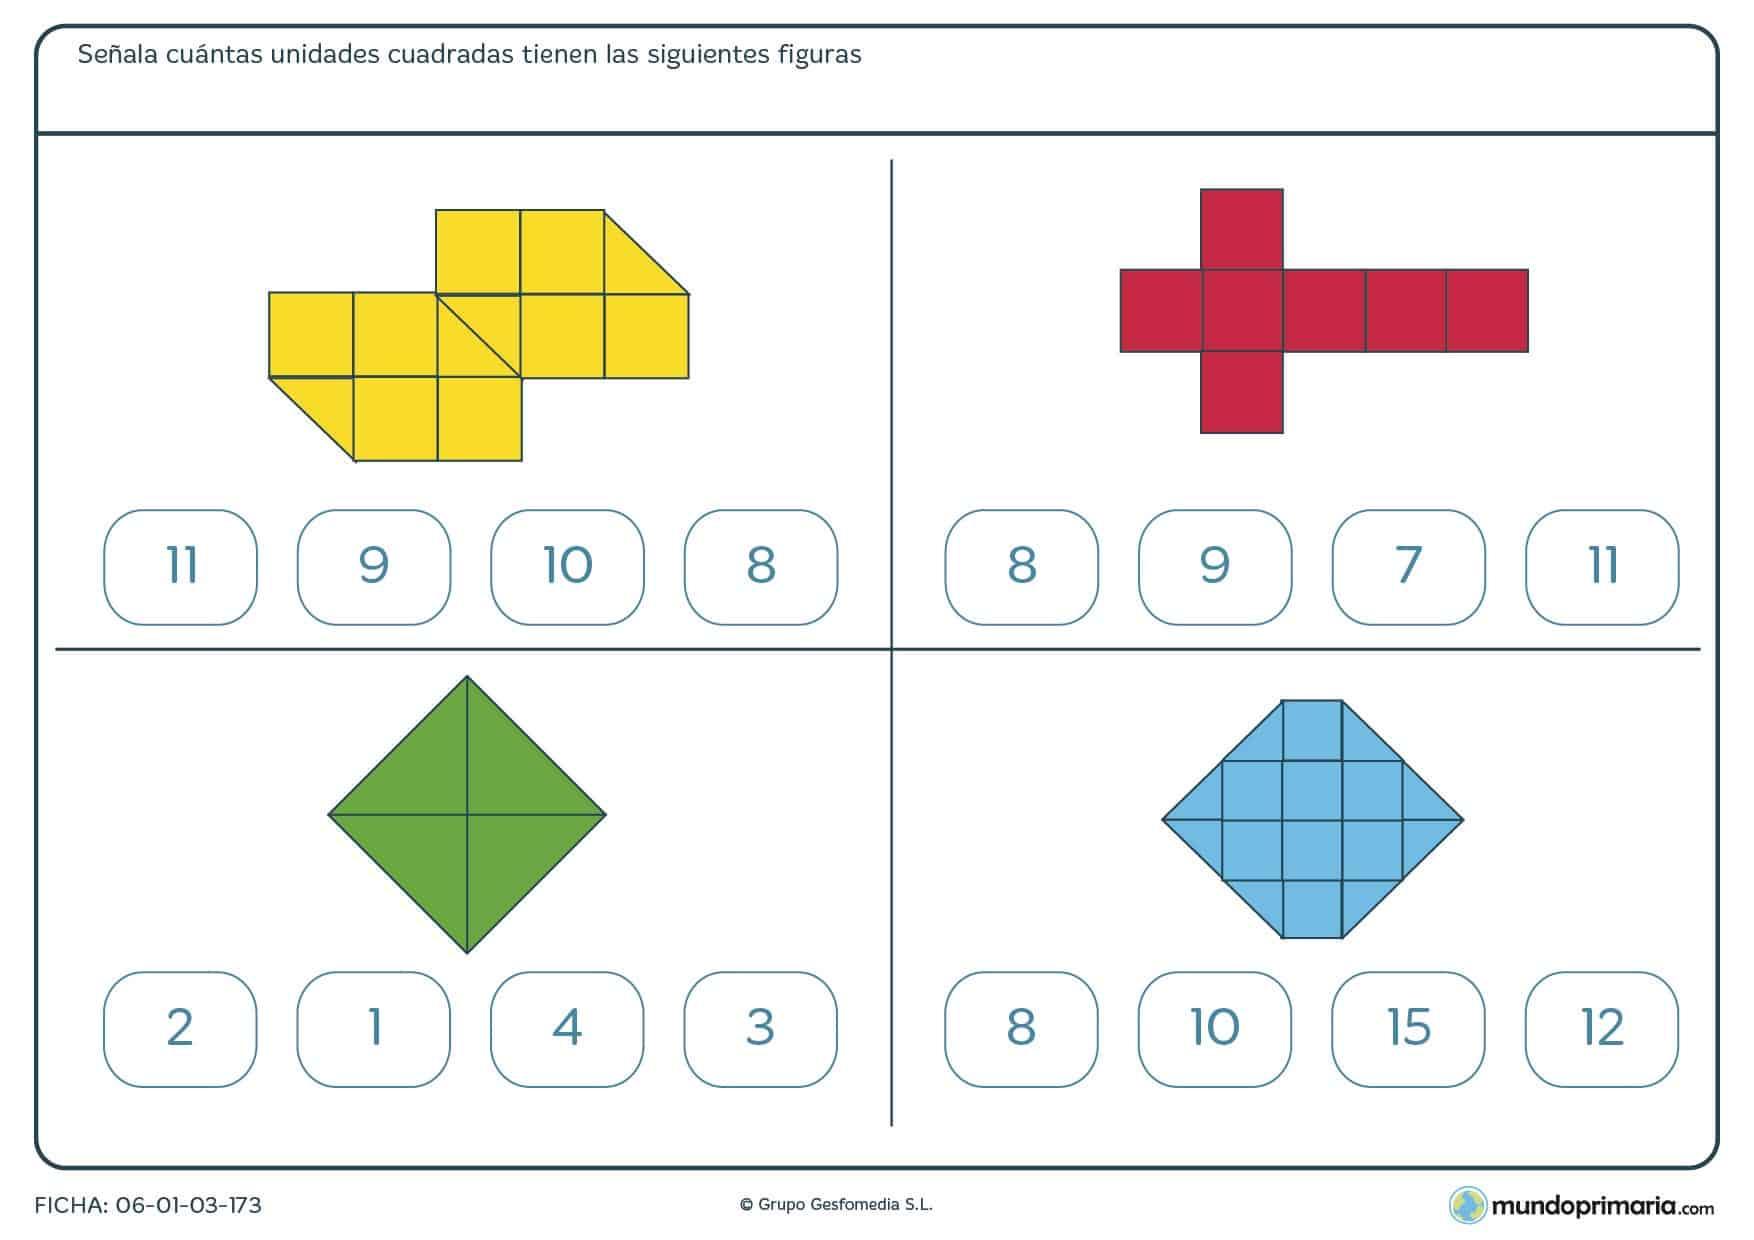 Ficha de unidades cuadradas de figuras de diferentes formas divididas en cuadrados y medios cuadrados.